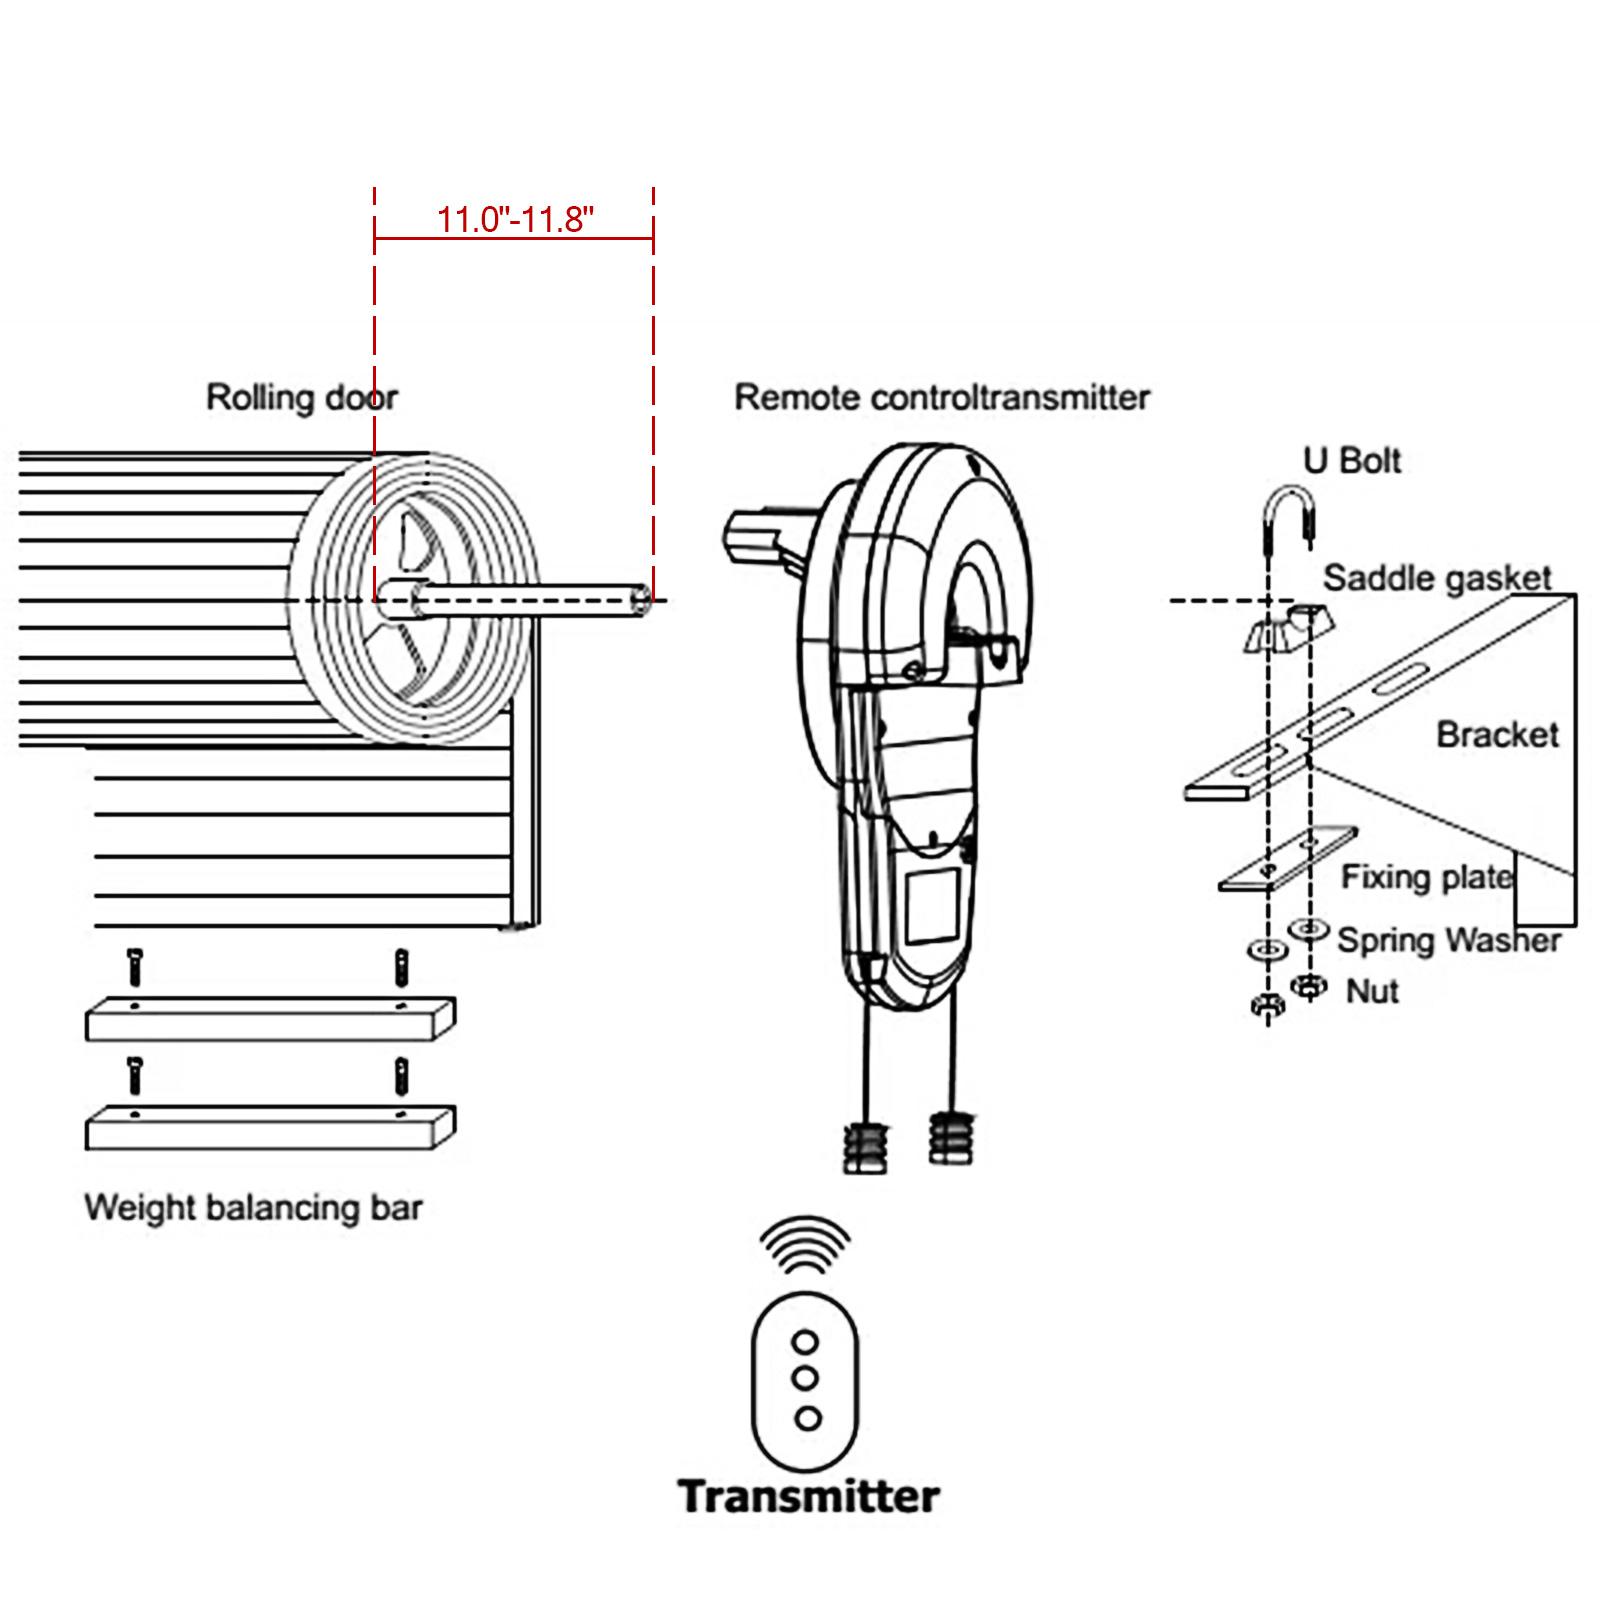 Electric Garage Roller Remote Door Opener Quiet Easy